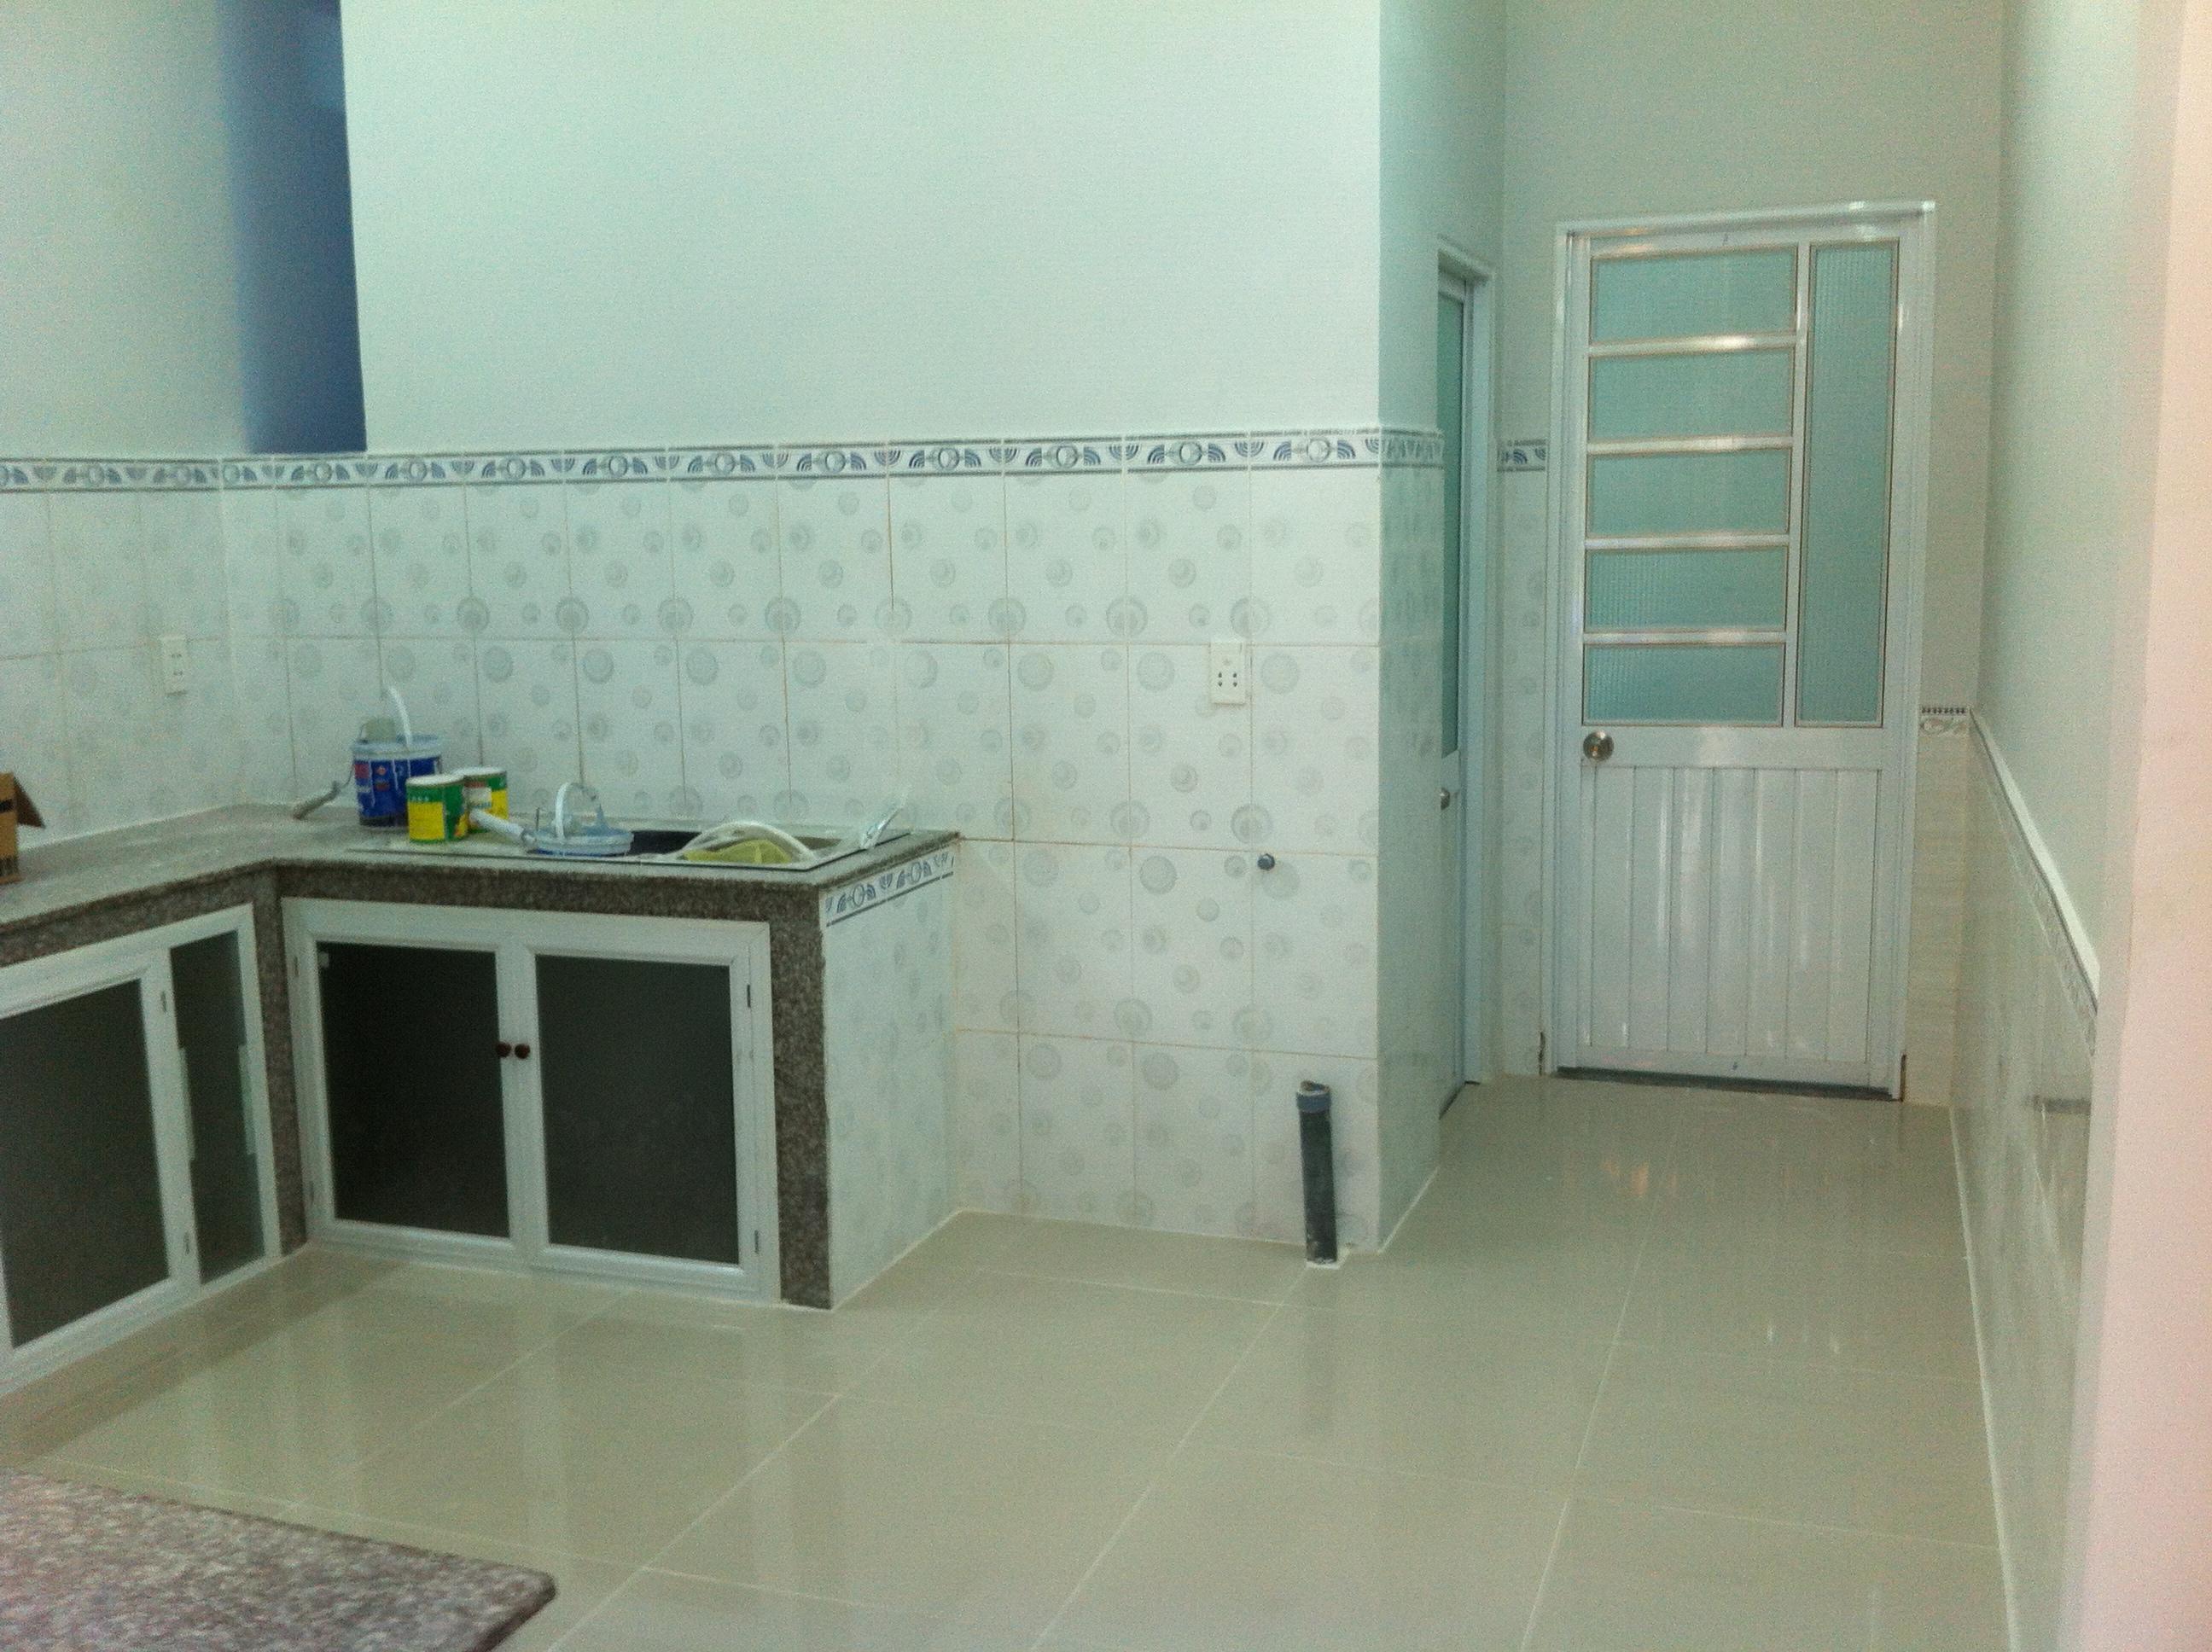 bếp nấu Nhà dt 80m2 gần UBND Phường Tân Đông Hiệp cần bán